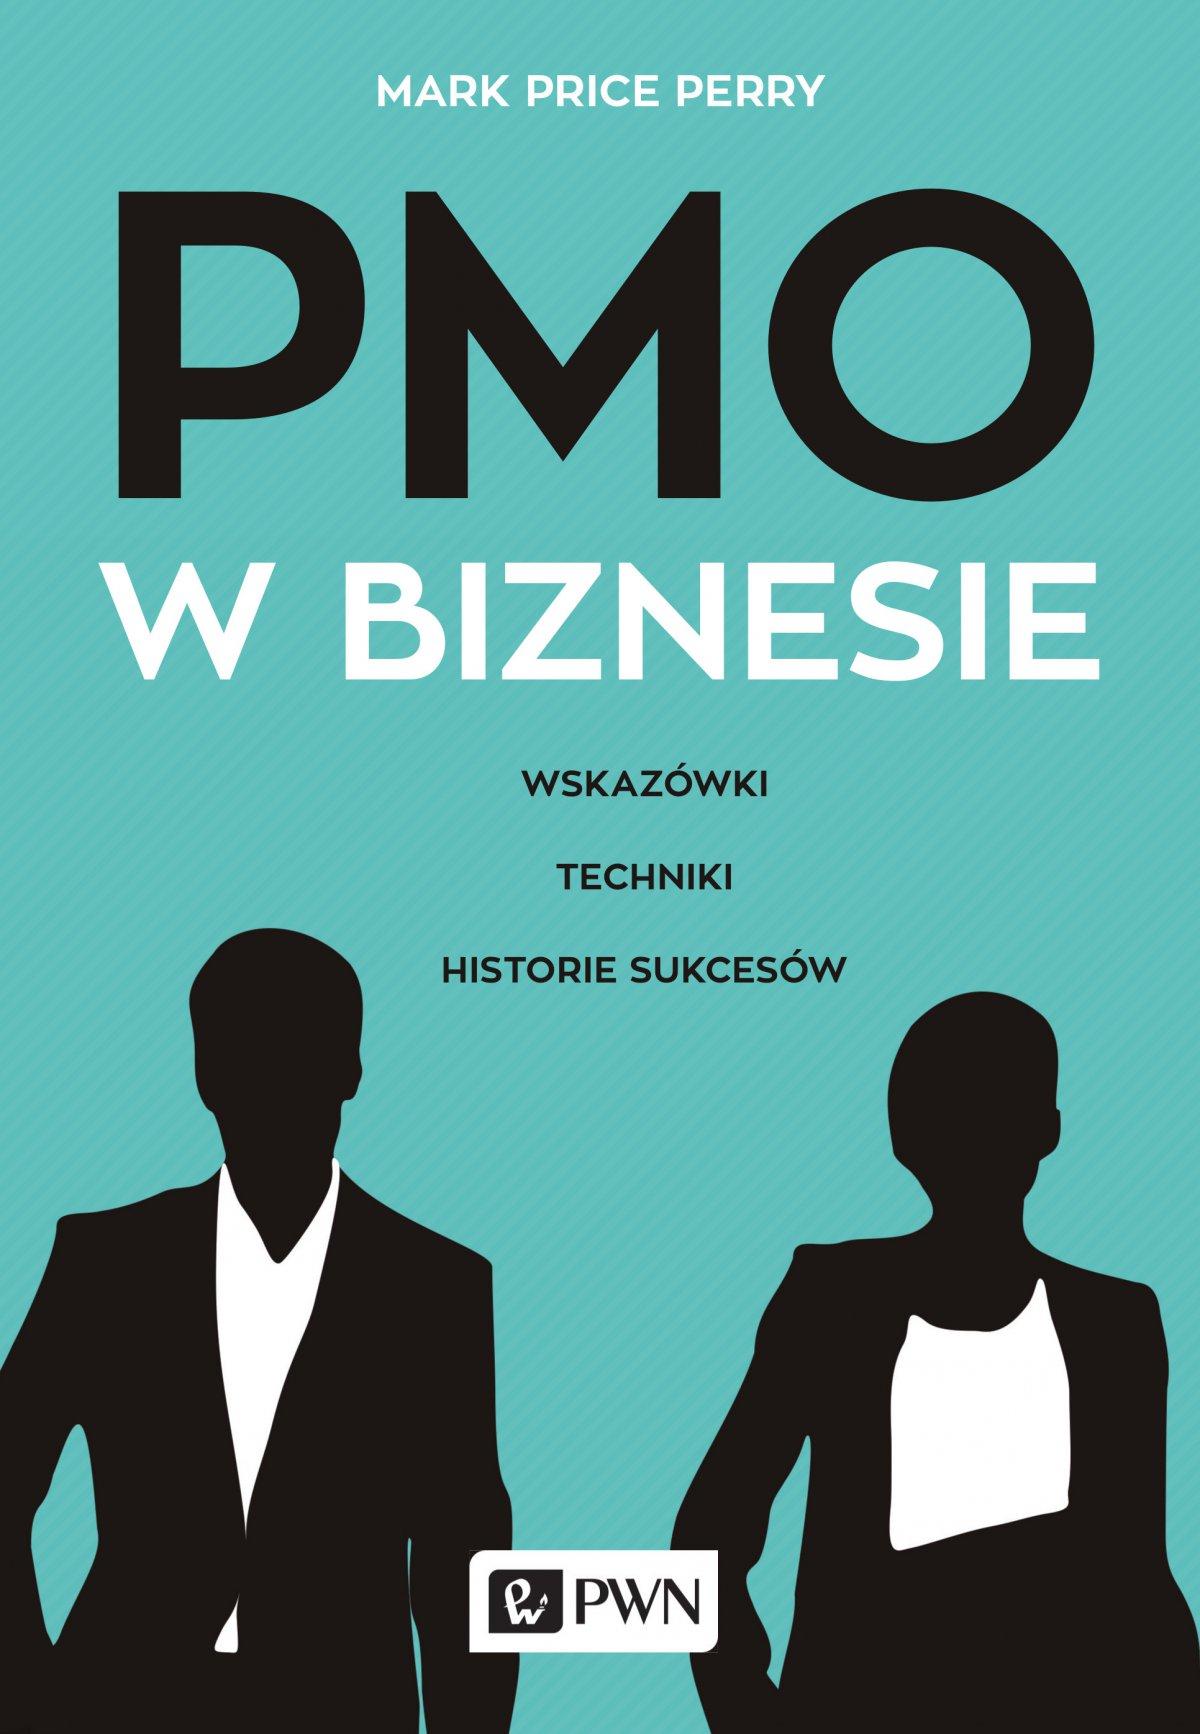 PMO w biznesie - Ebook (Książka na Kindle) do pobrania w formacie MOBI